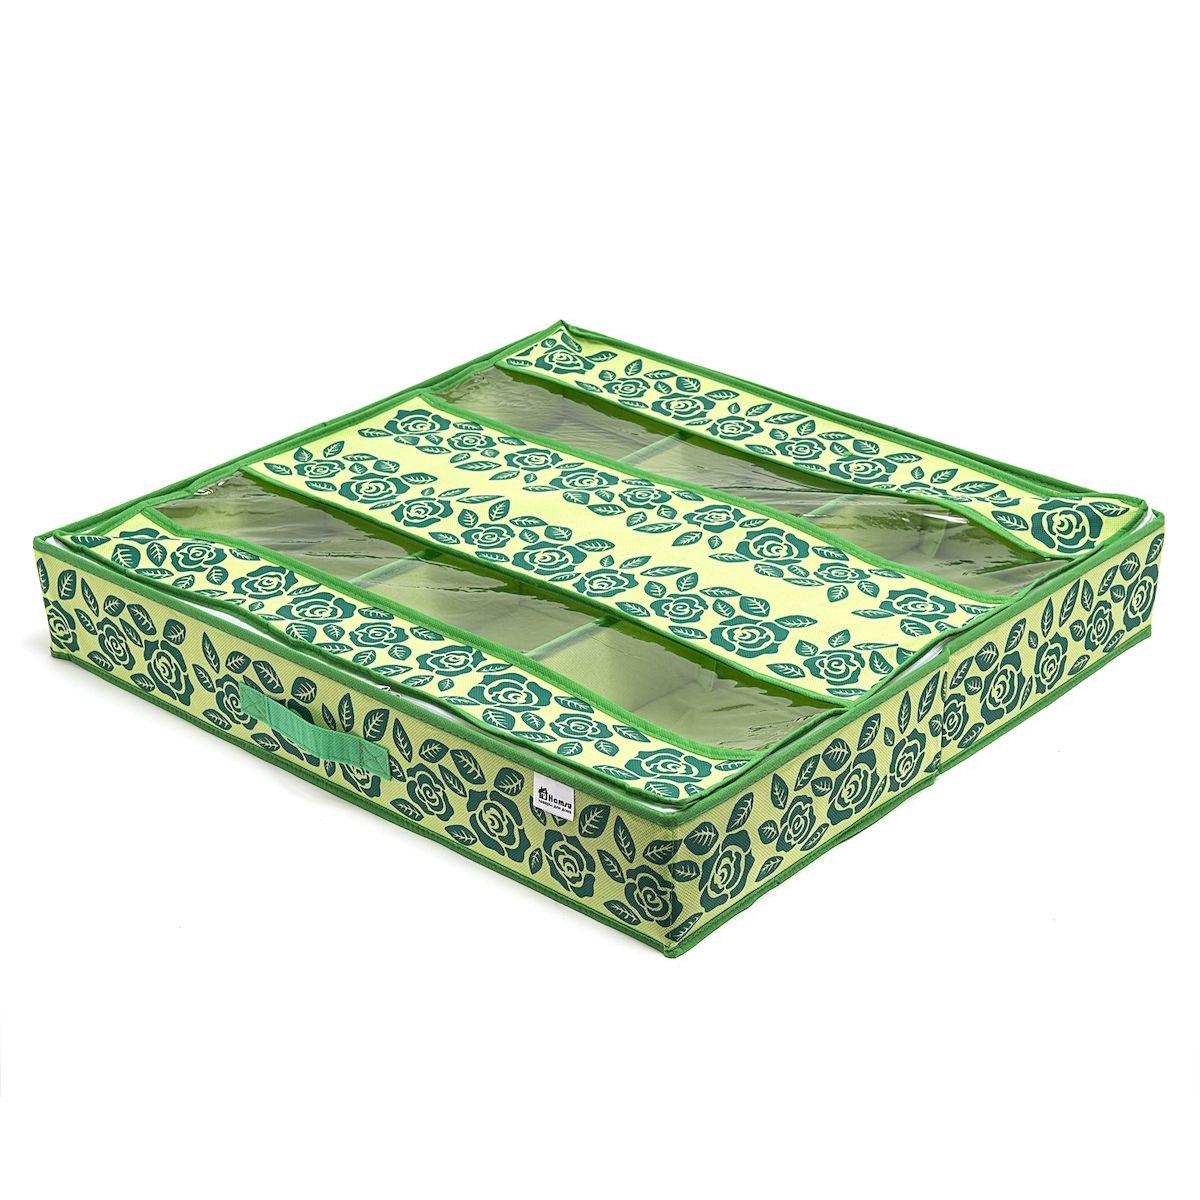 Органайзер для обуви Homsu Green Flower, 66х63х11 смHOM-382Очень удобный способ хранить сезонную обувь. Шесть больших отделений размером 20см на 32см вмещают 6 пар обуви большого размера, высокий каблук, сапожки. Органайзер плоский, удобно хранить под кроватью или диваном. Внутренние секции можно моделировать под размеры обуви, например высокие сапоги. Имеет жесткие борта, что является гарантией сохраности вещей. Фактический цвет может отличаться от заявленного. Размер изделия: 66x63x11см